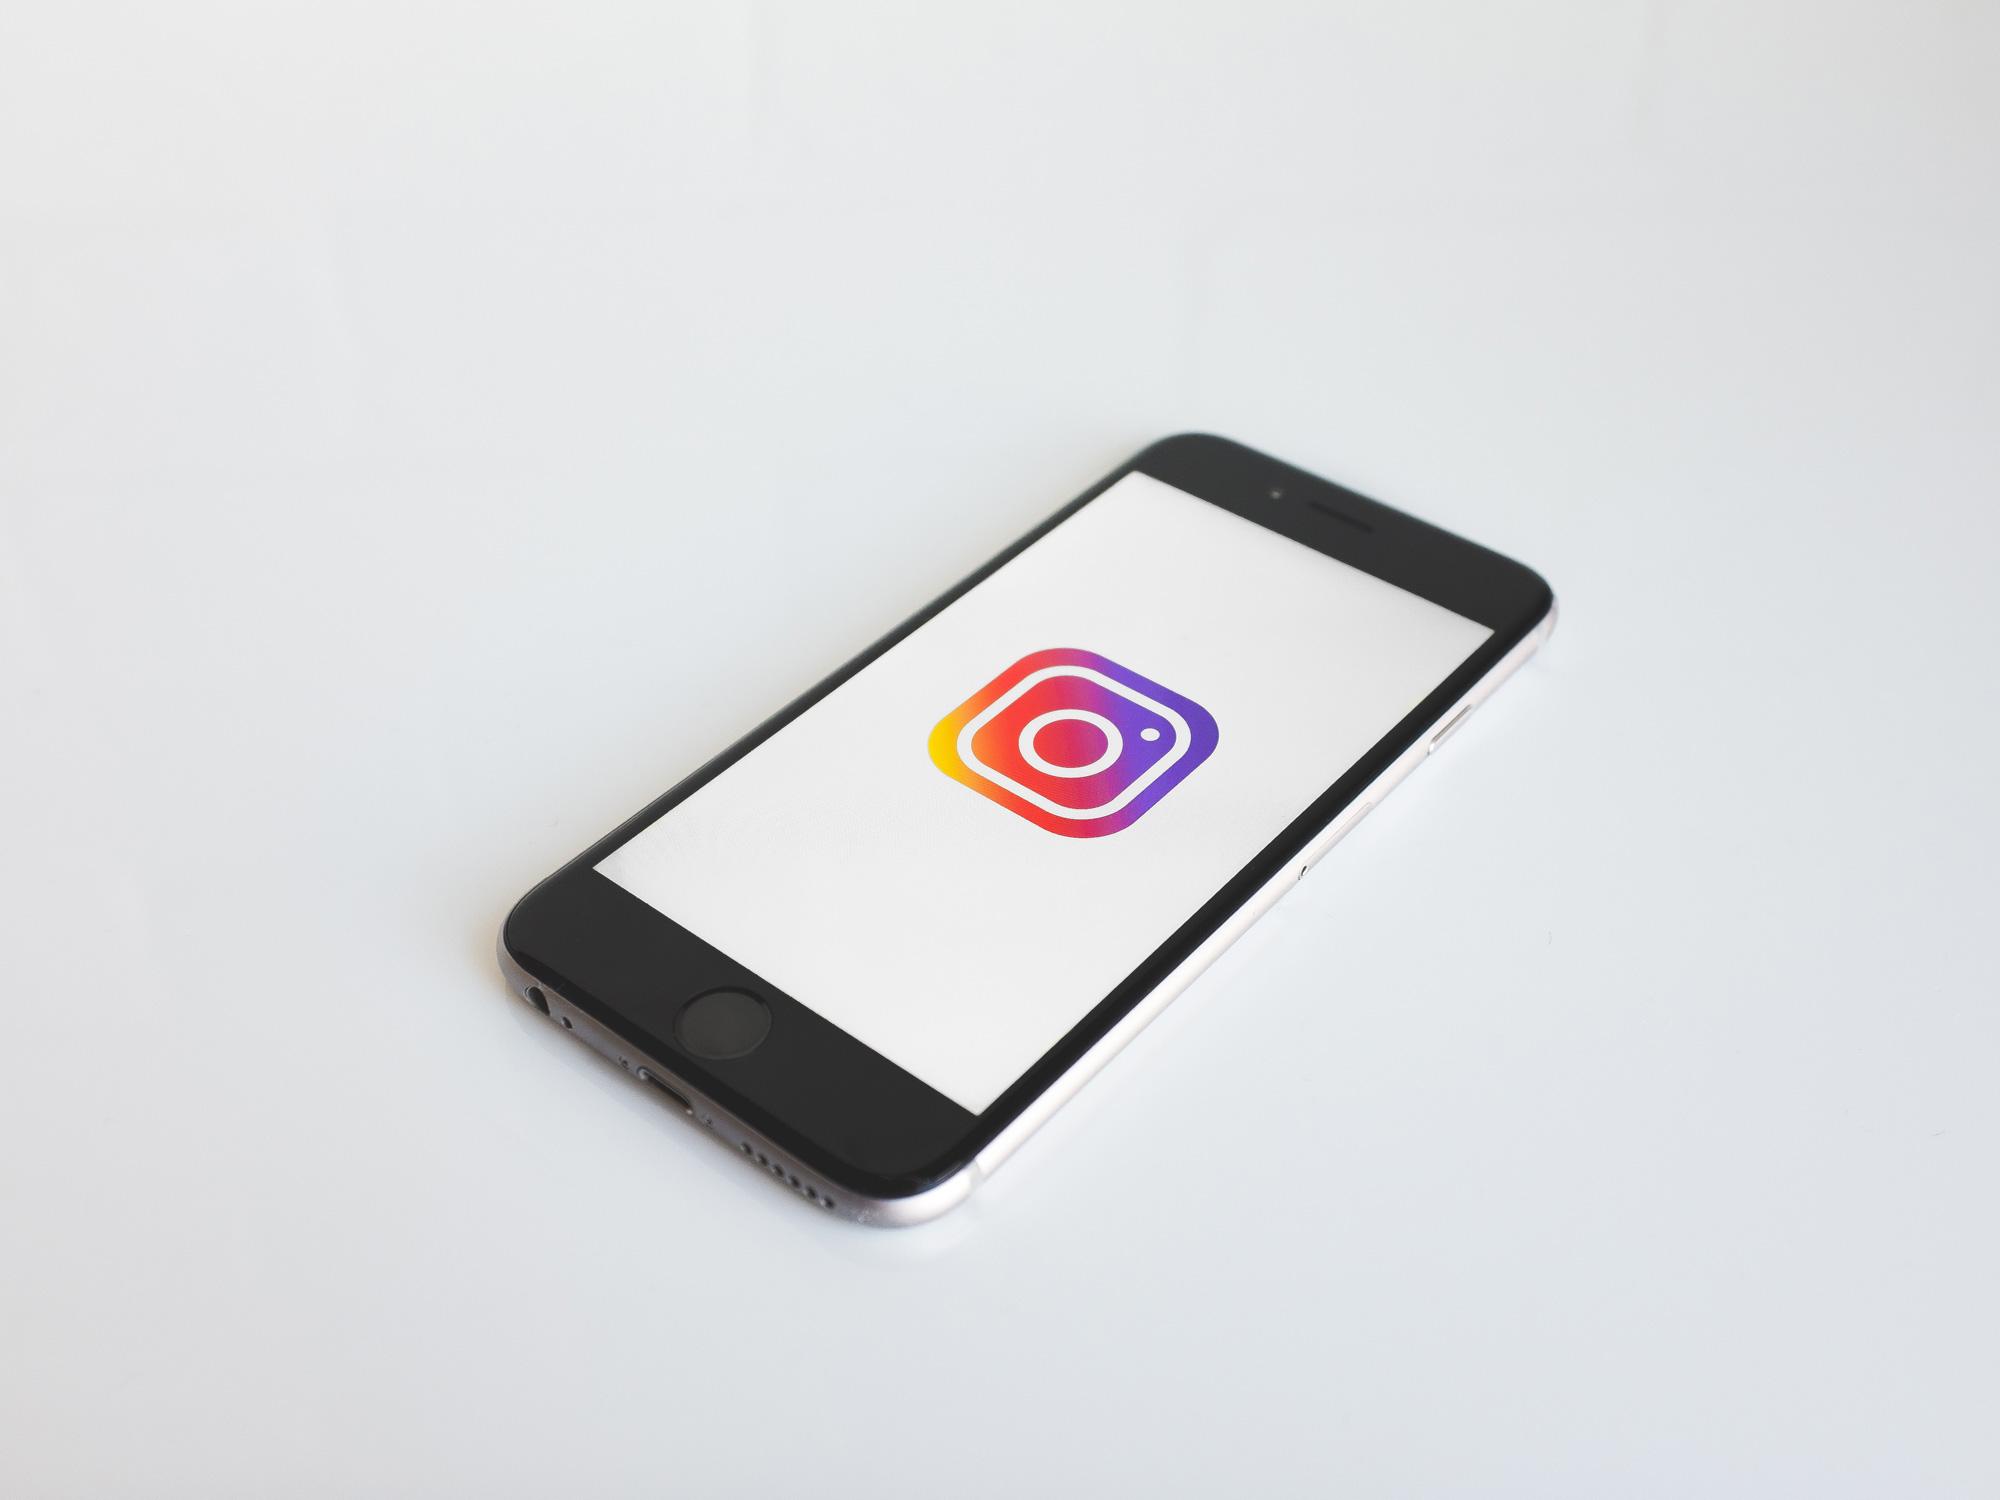 instagram lance une plateforme dédiée à l'influence - Agence Sharing